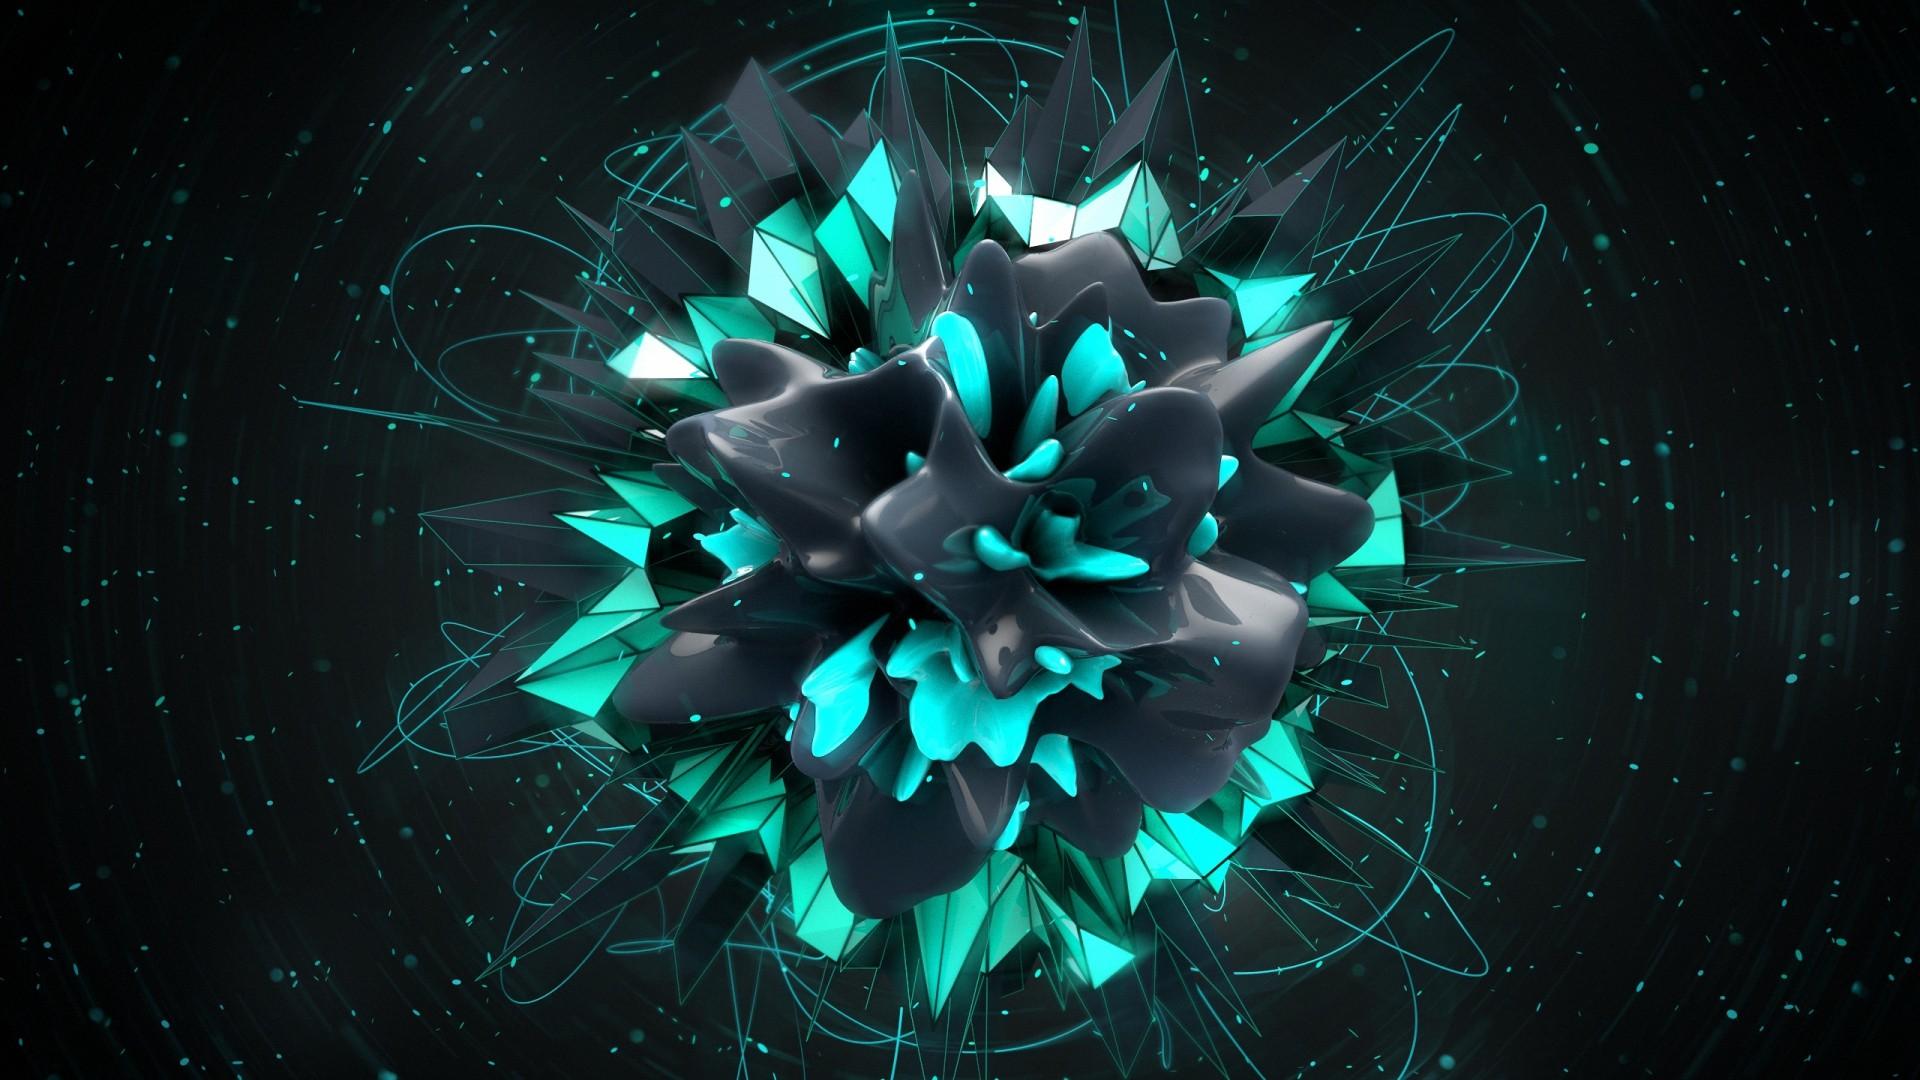 wallpaper : digital art, abstract, 3d, space, symmetry, green